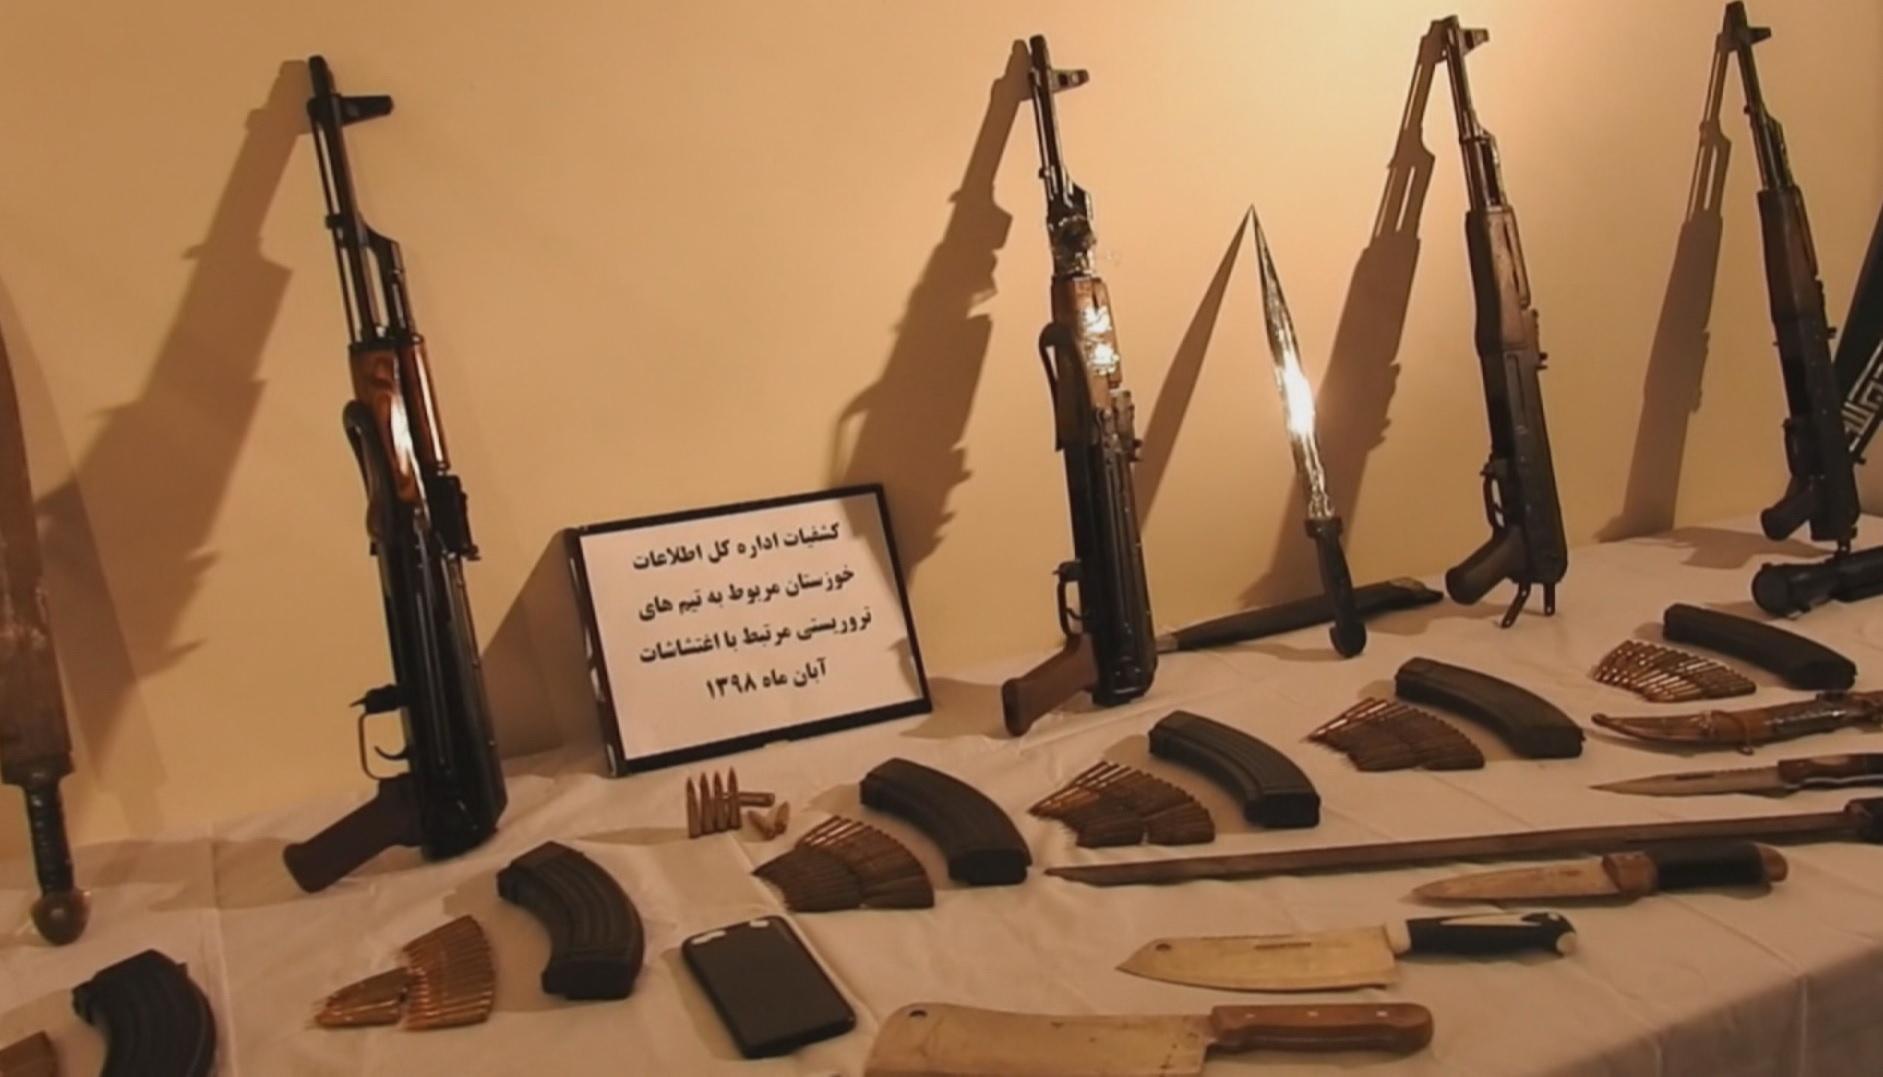 ۷۹ نفر از عناصر اصلی اغتشاشات در خوزستان دستگیر شدند